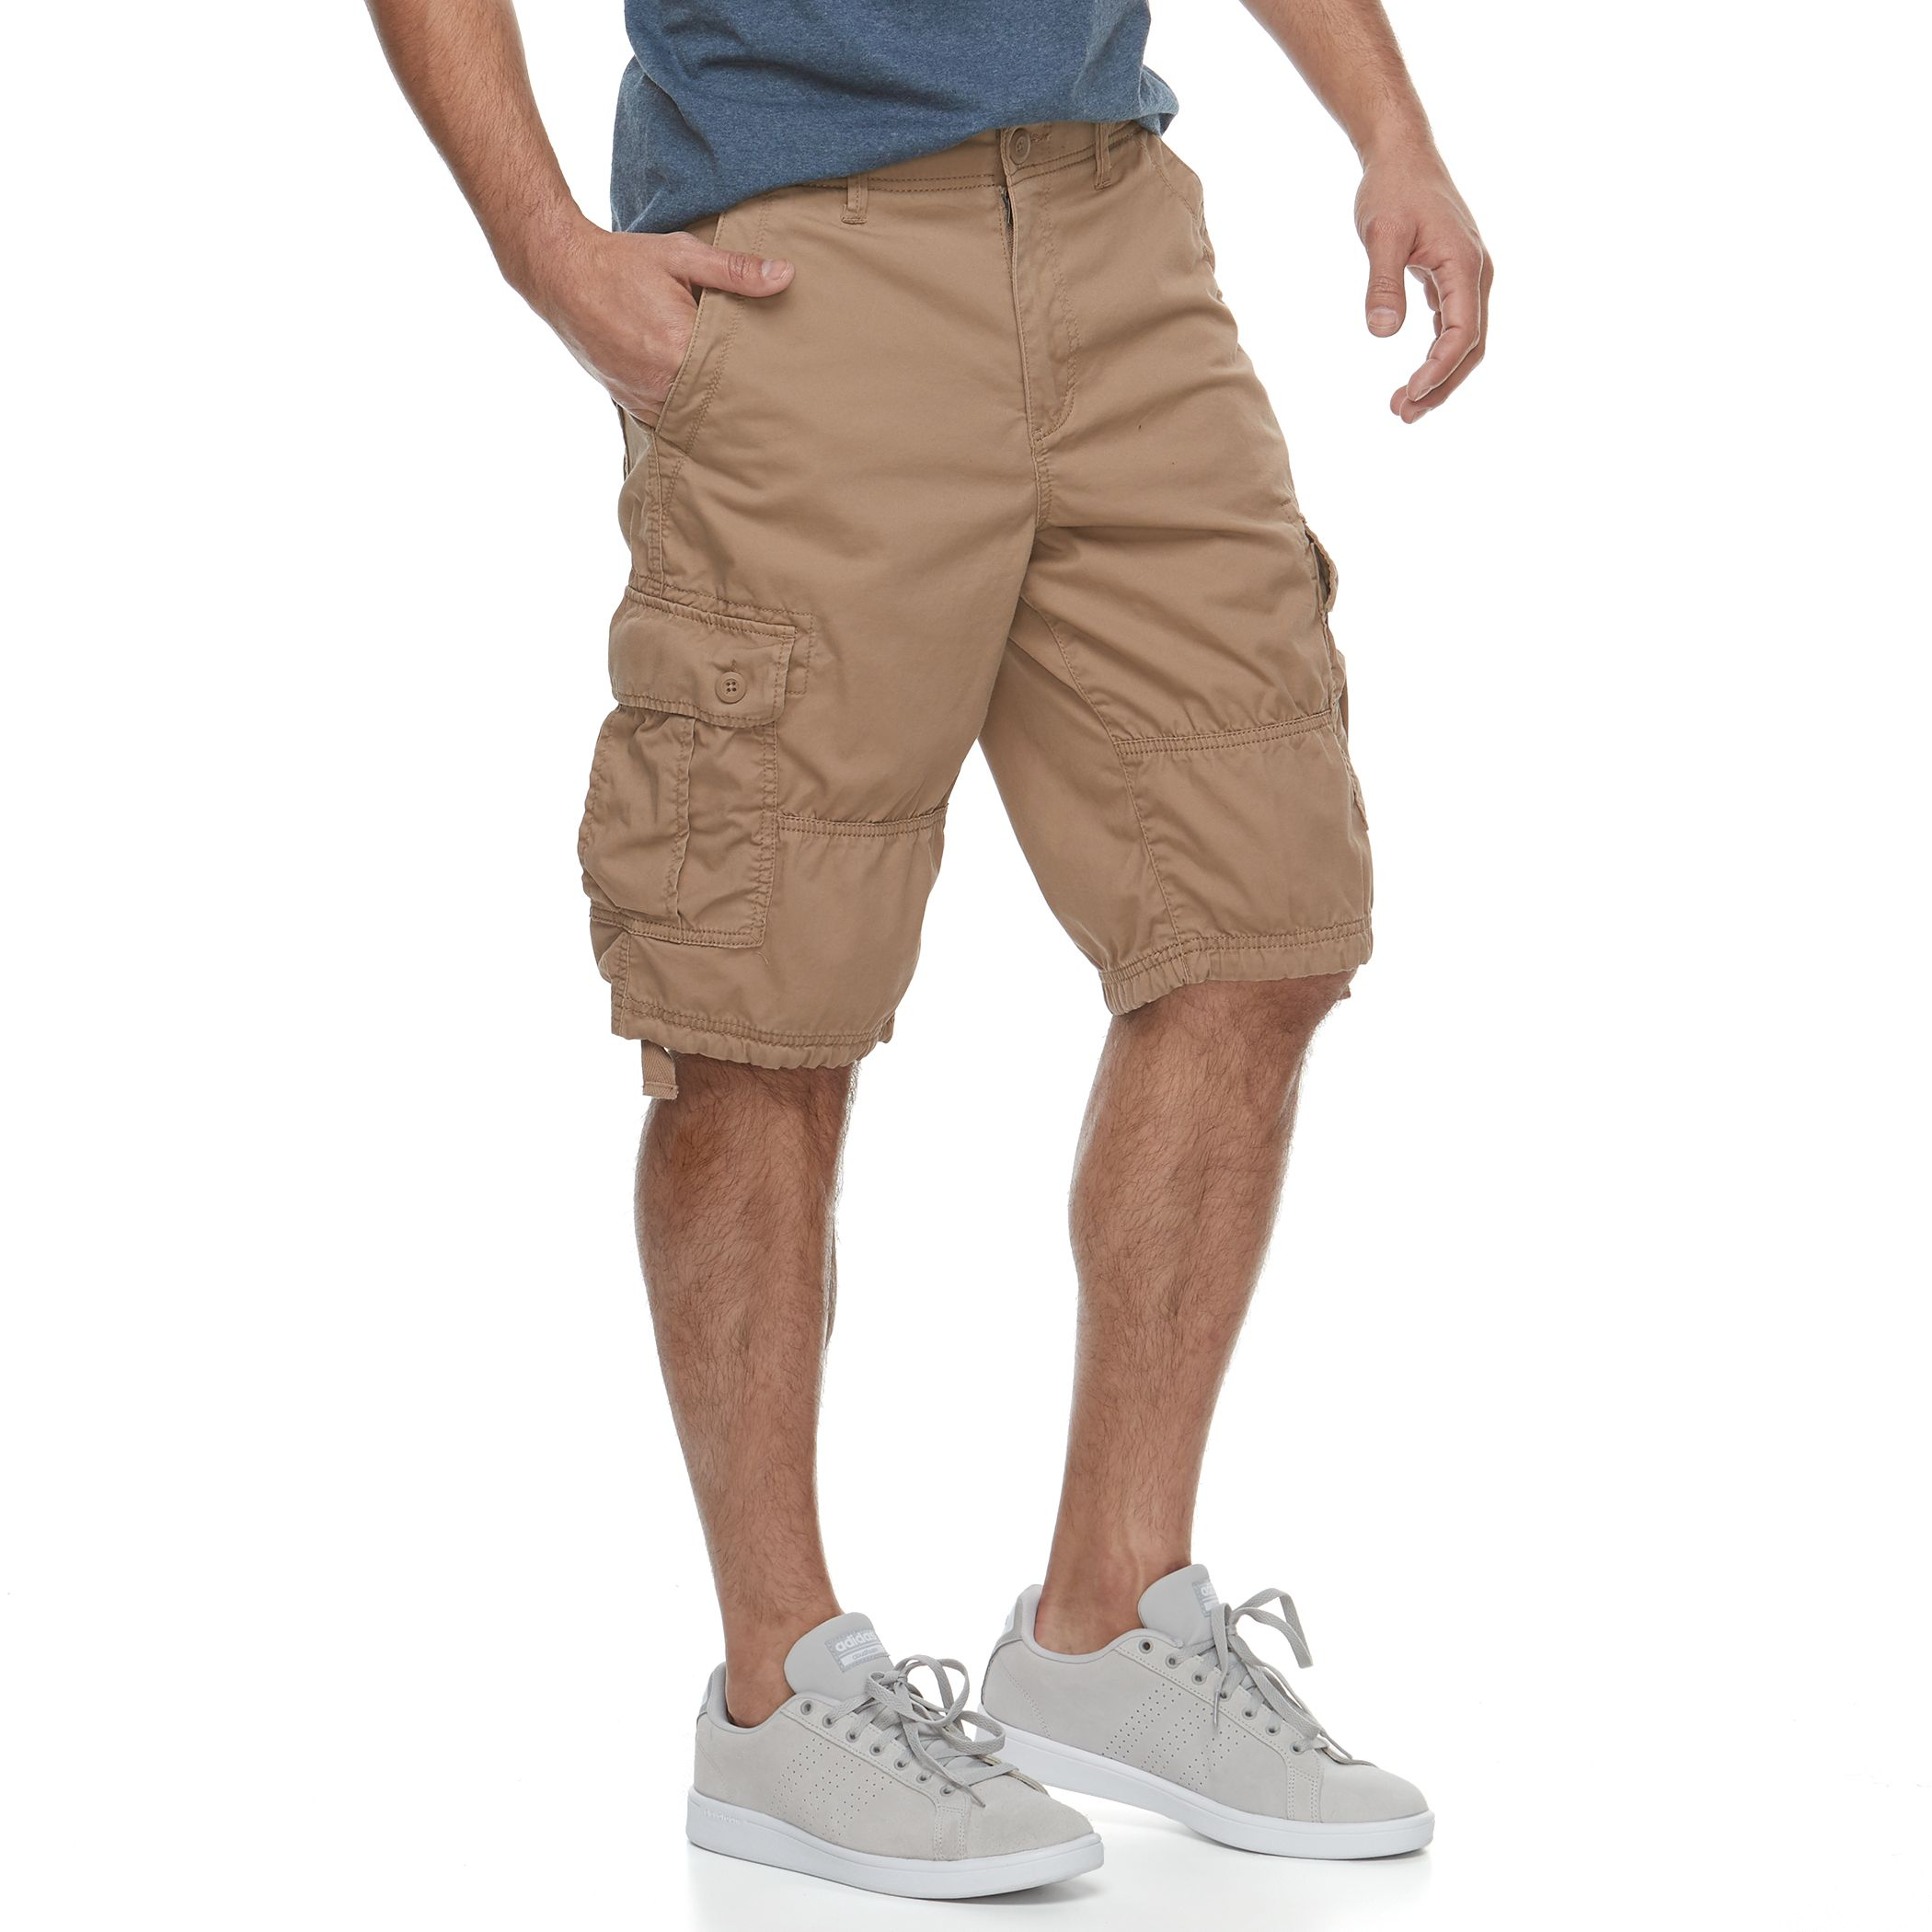 Tim gunn mens fashion 49